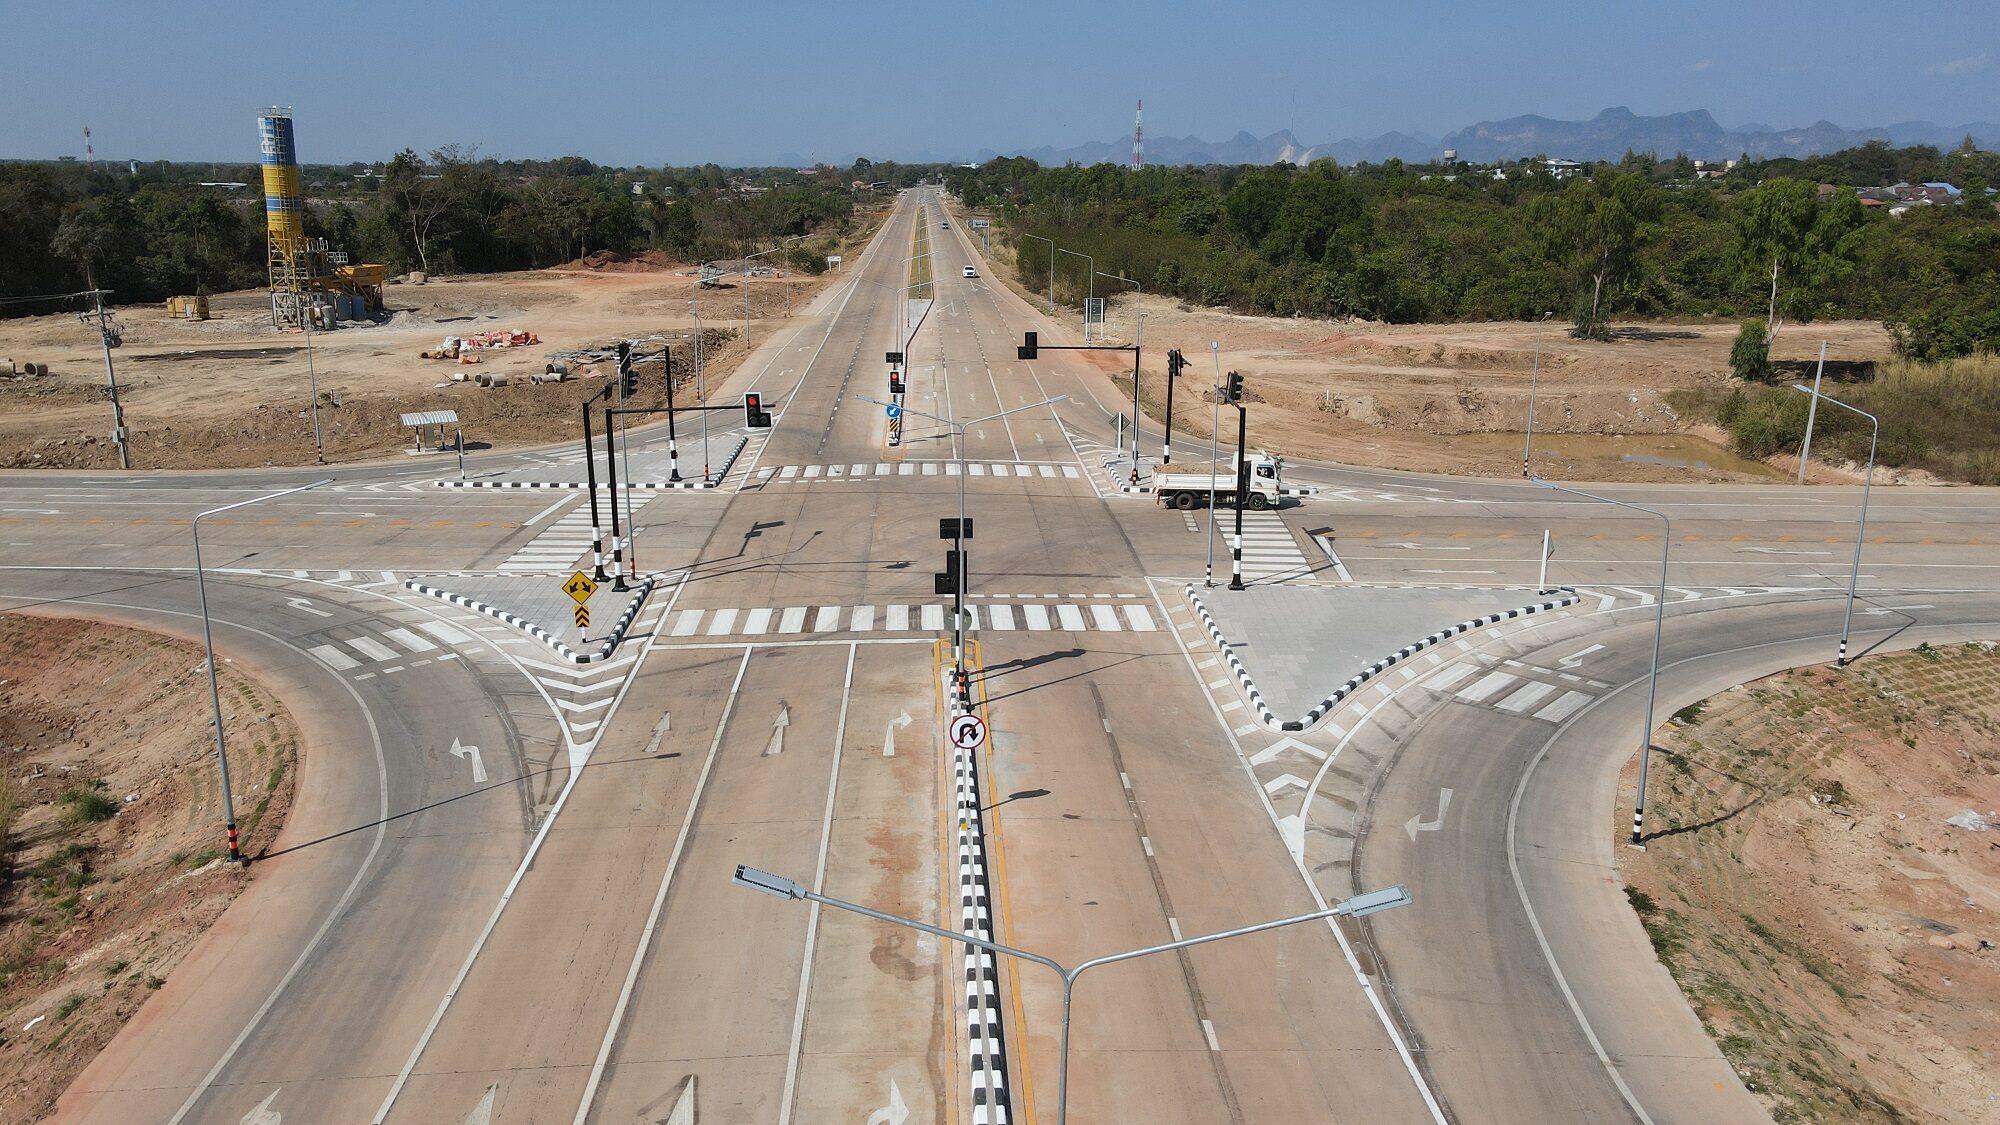 ทางหลวงชนบท เปิดใช้ถนนผังเมืองรวมนครพนม หนุนการขนส่ง ท่องเที่ยว เศรษฐกิจชายแดนไทย-ลาว